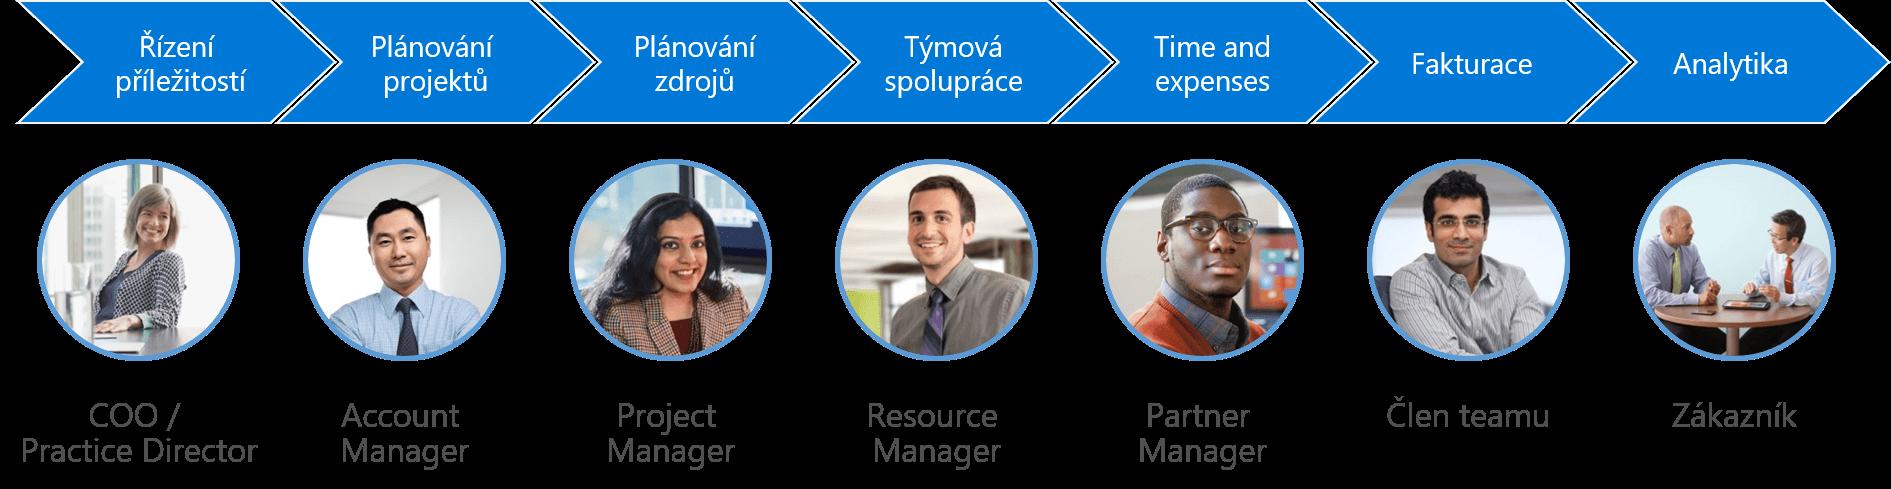 Proces projektového řízení